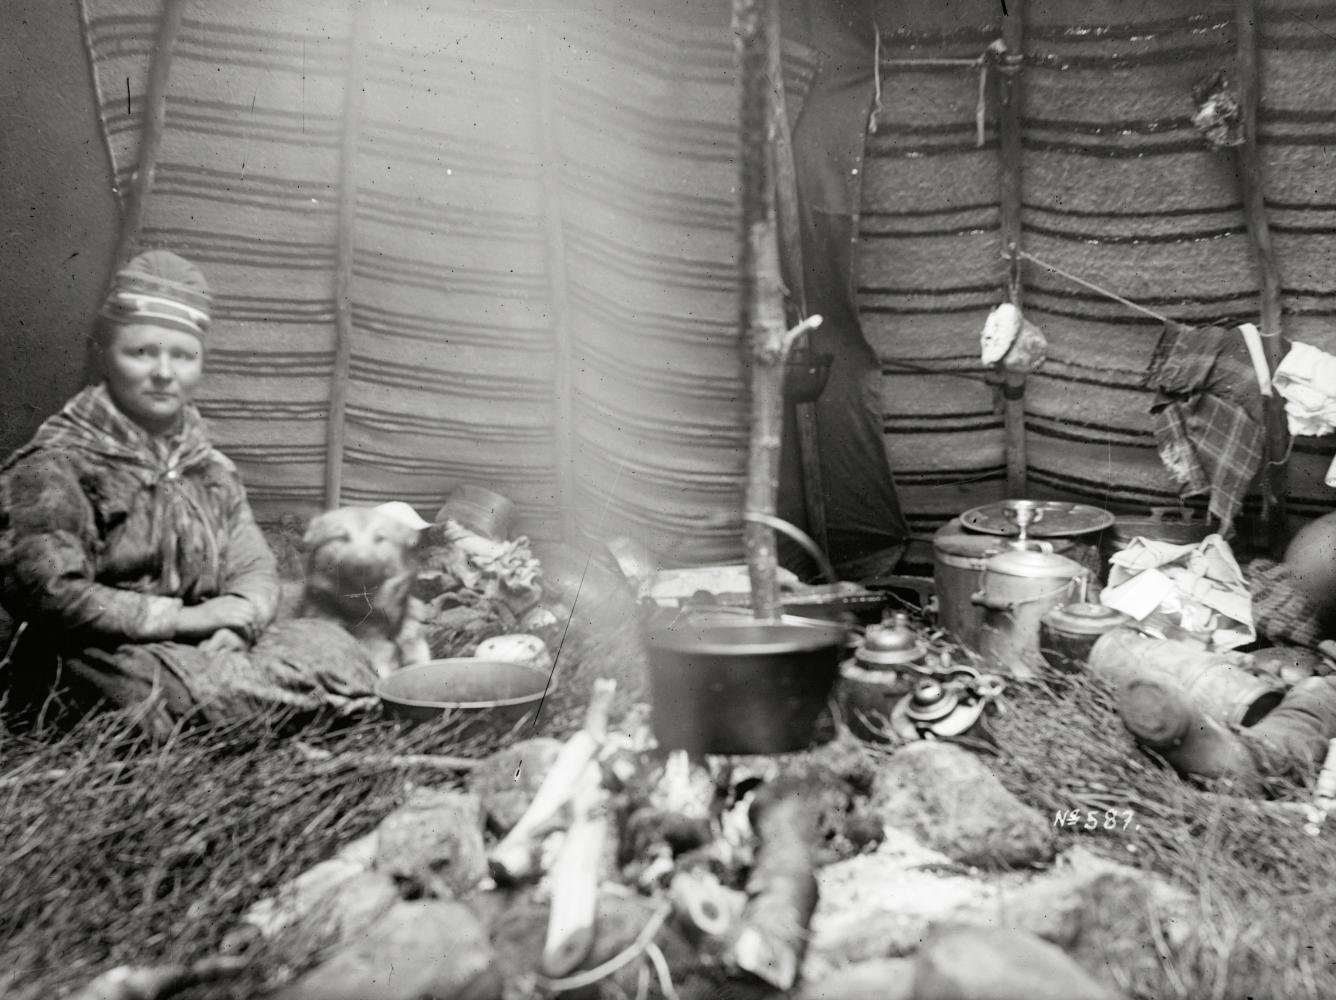 Interiör från kåta i Sarvasjokk den 12 juni 1911.